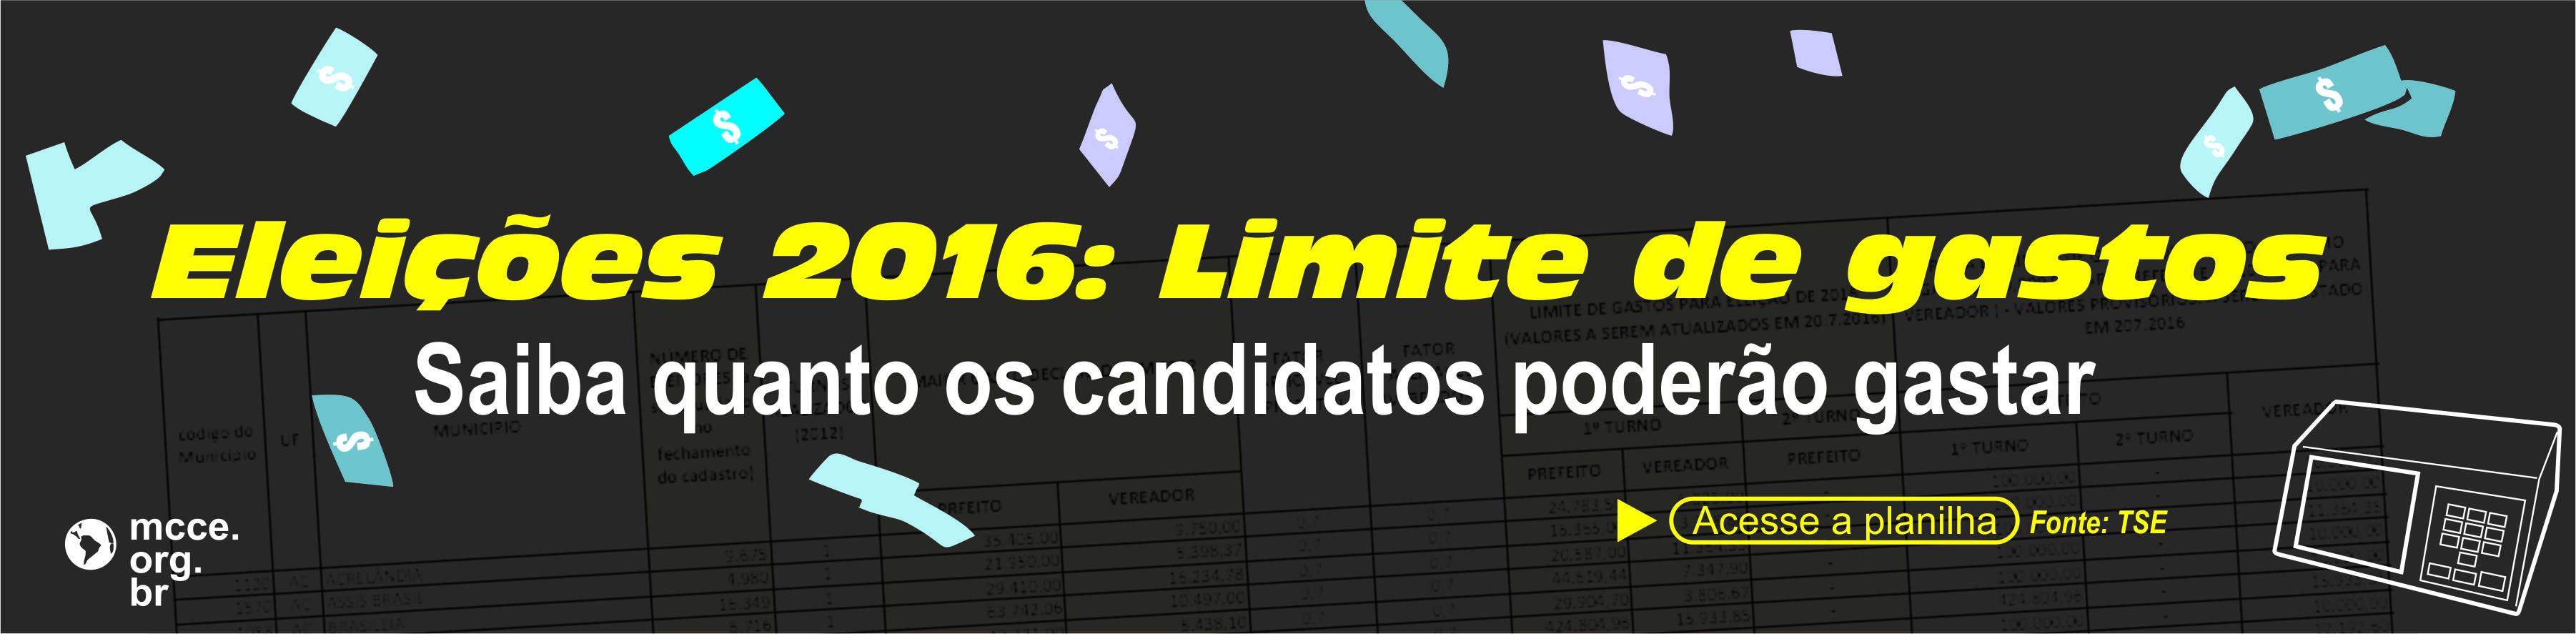 Eleições 2016: Limite de gastos